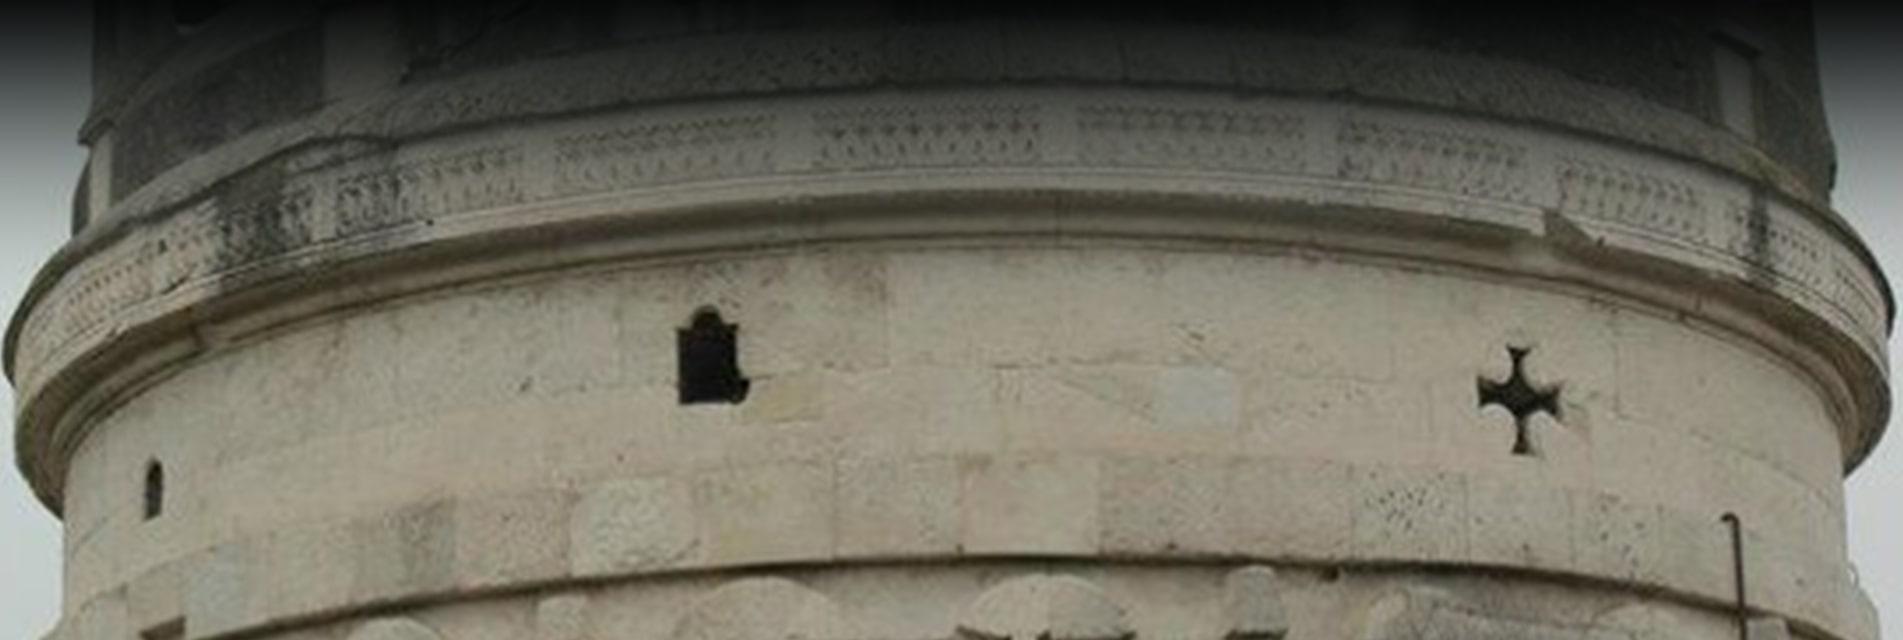 Mausoleo de Teodorico - Orígenes de Europa